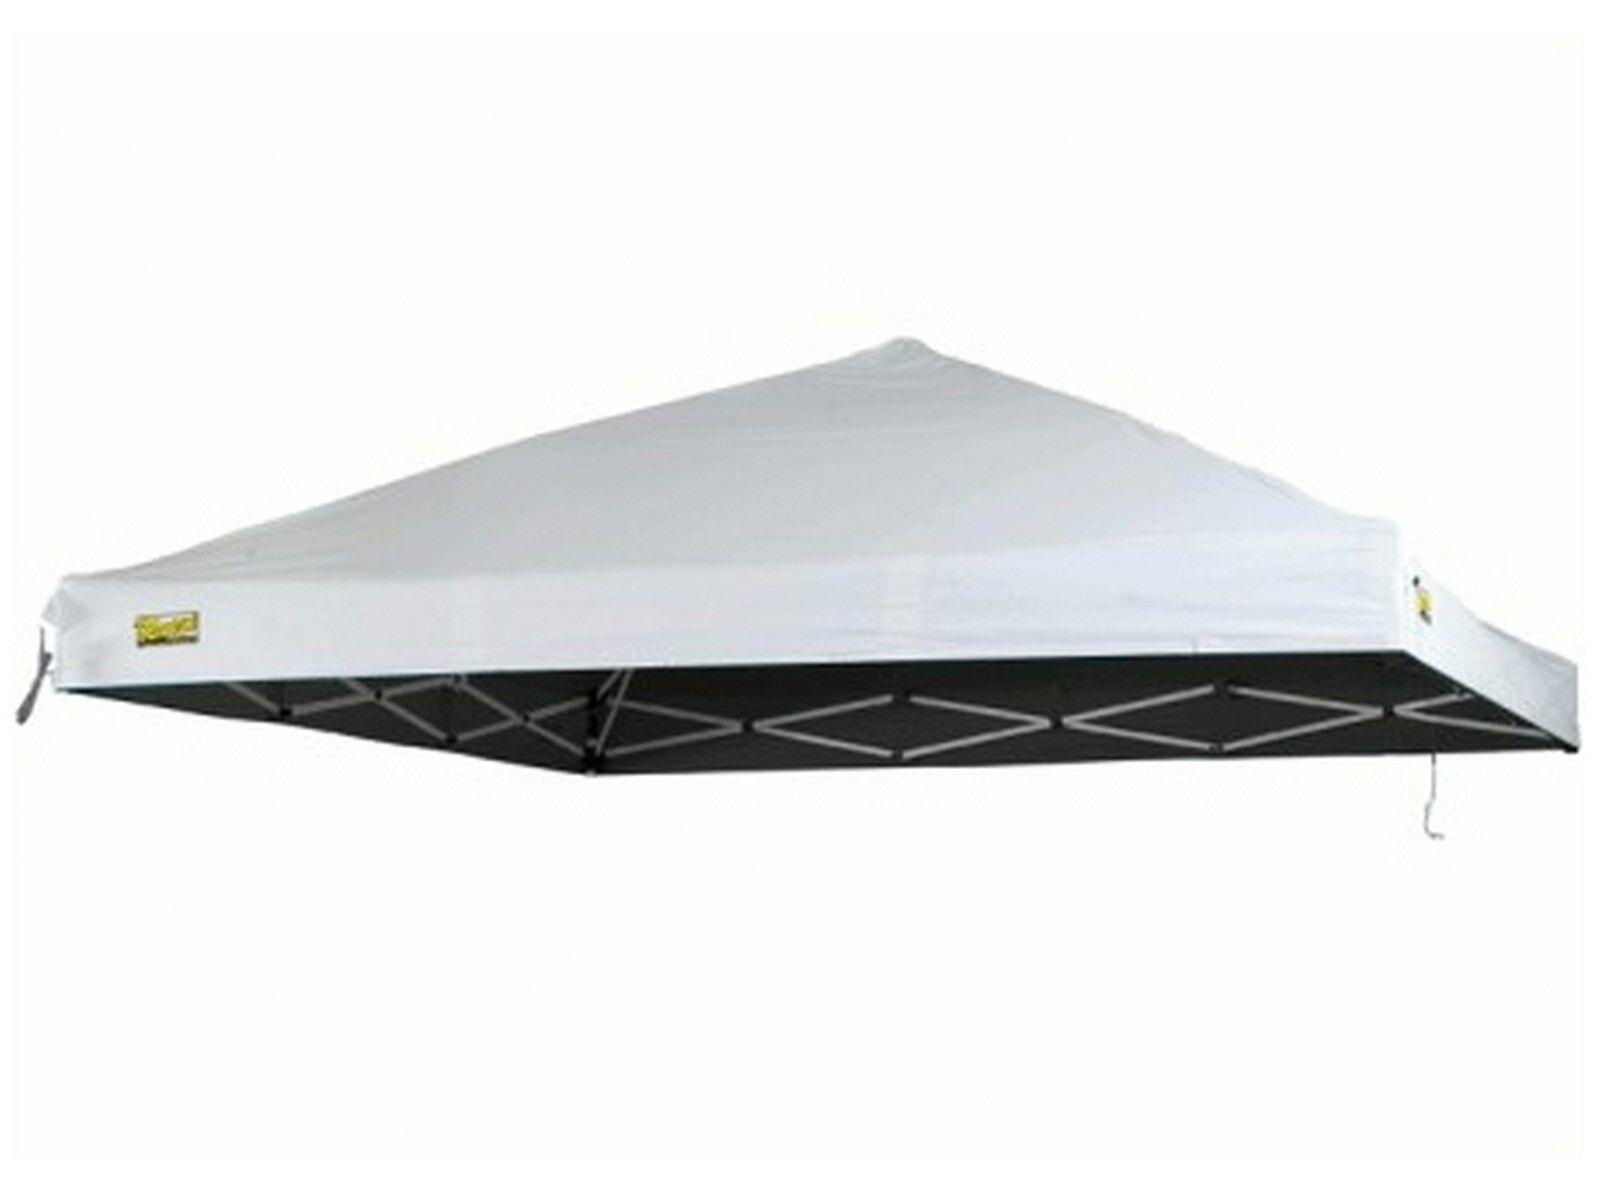 Tetto Top Telone per gazebo Ricambio in poliestere e PVC Bianco Rapido 3x3 Berto